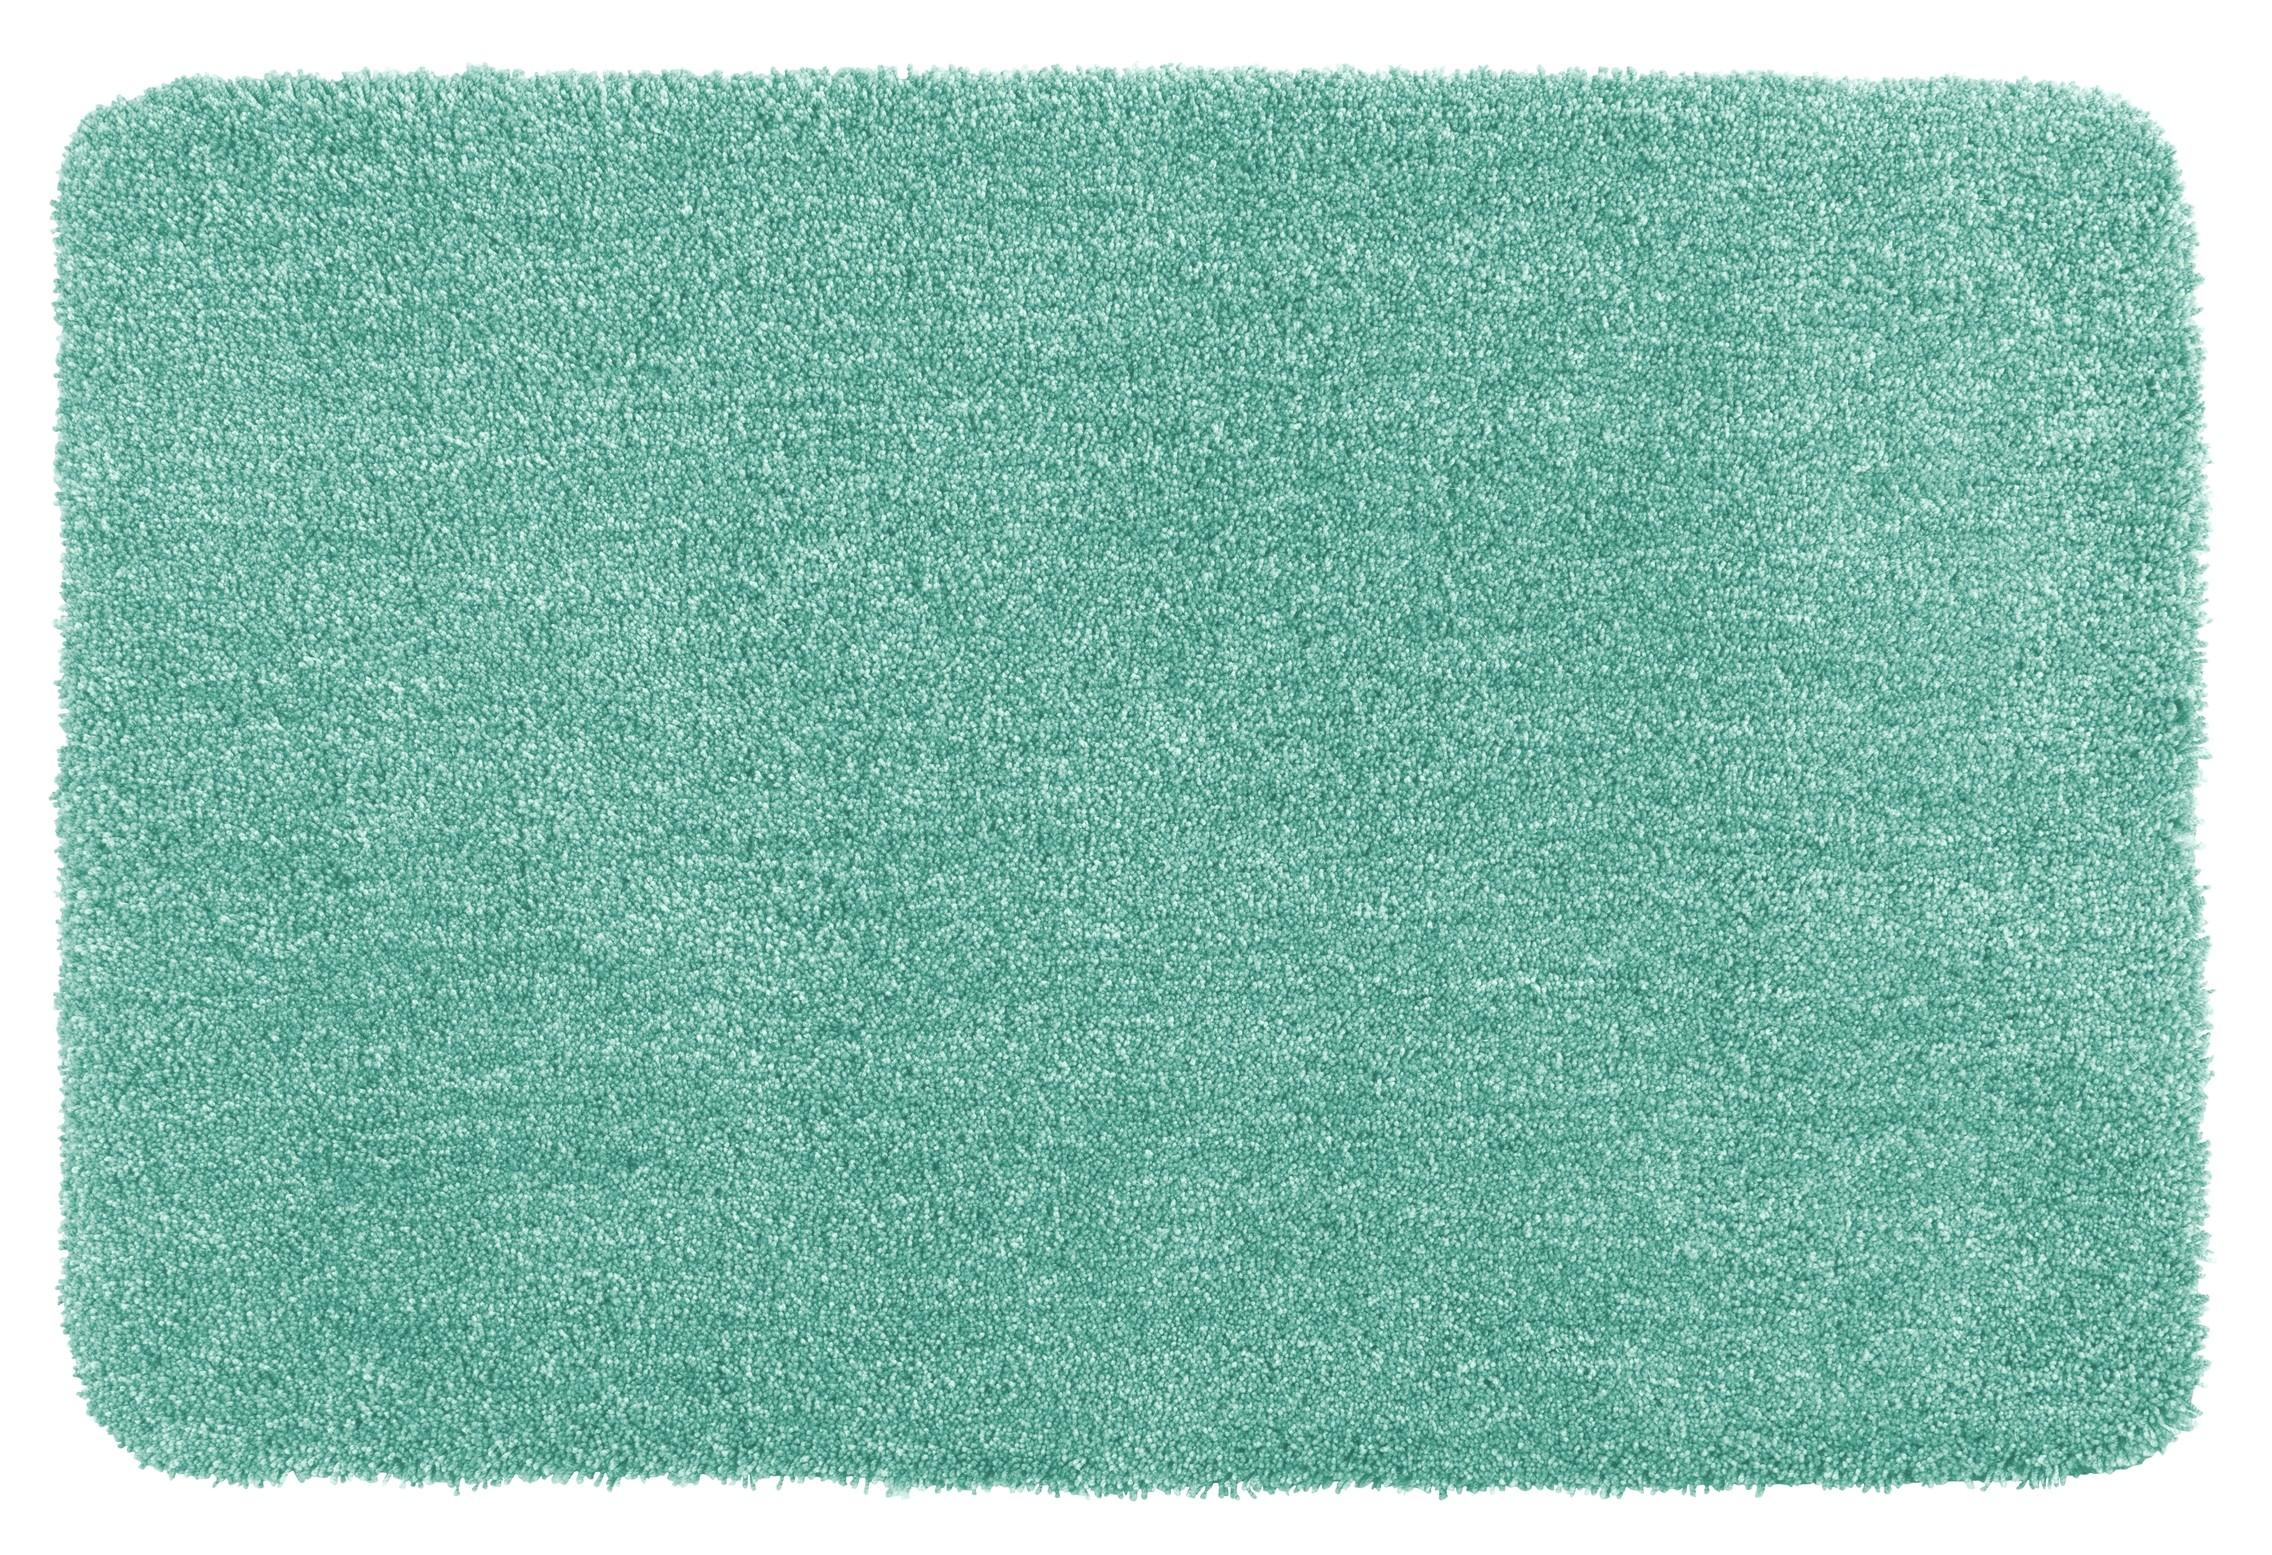 Wenko Badteppich Mélange Turquoise, 56 x 65 cm, Mikrofaser